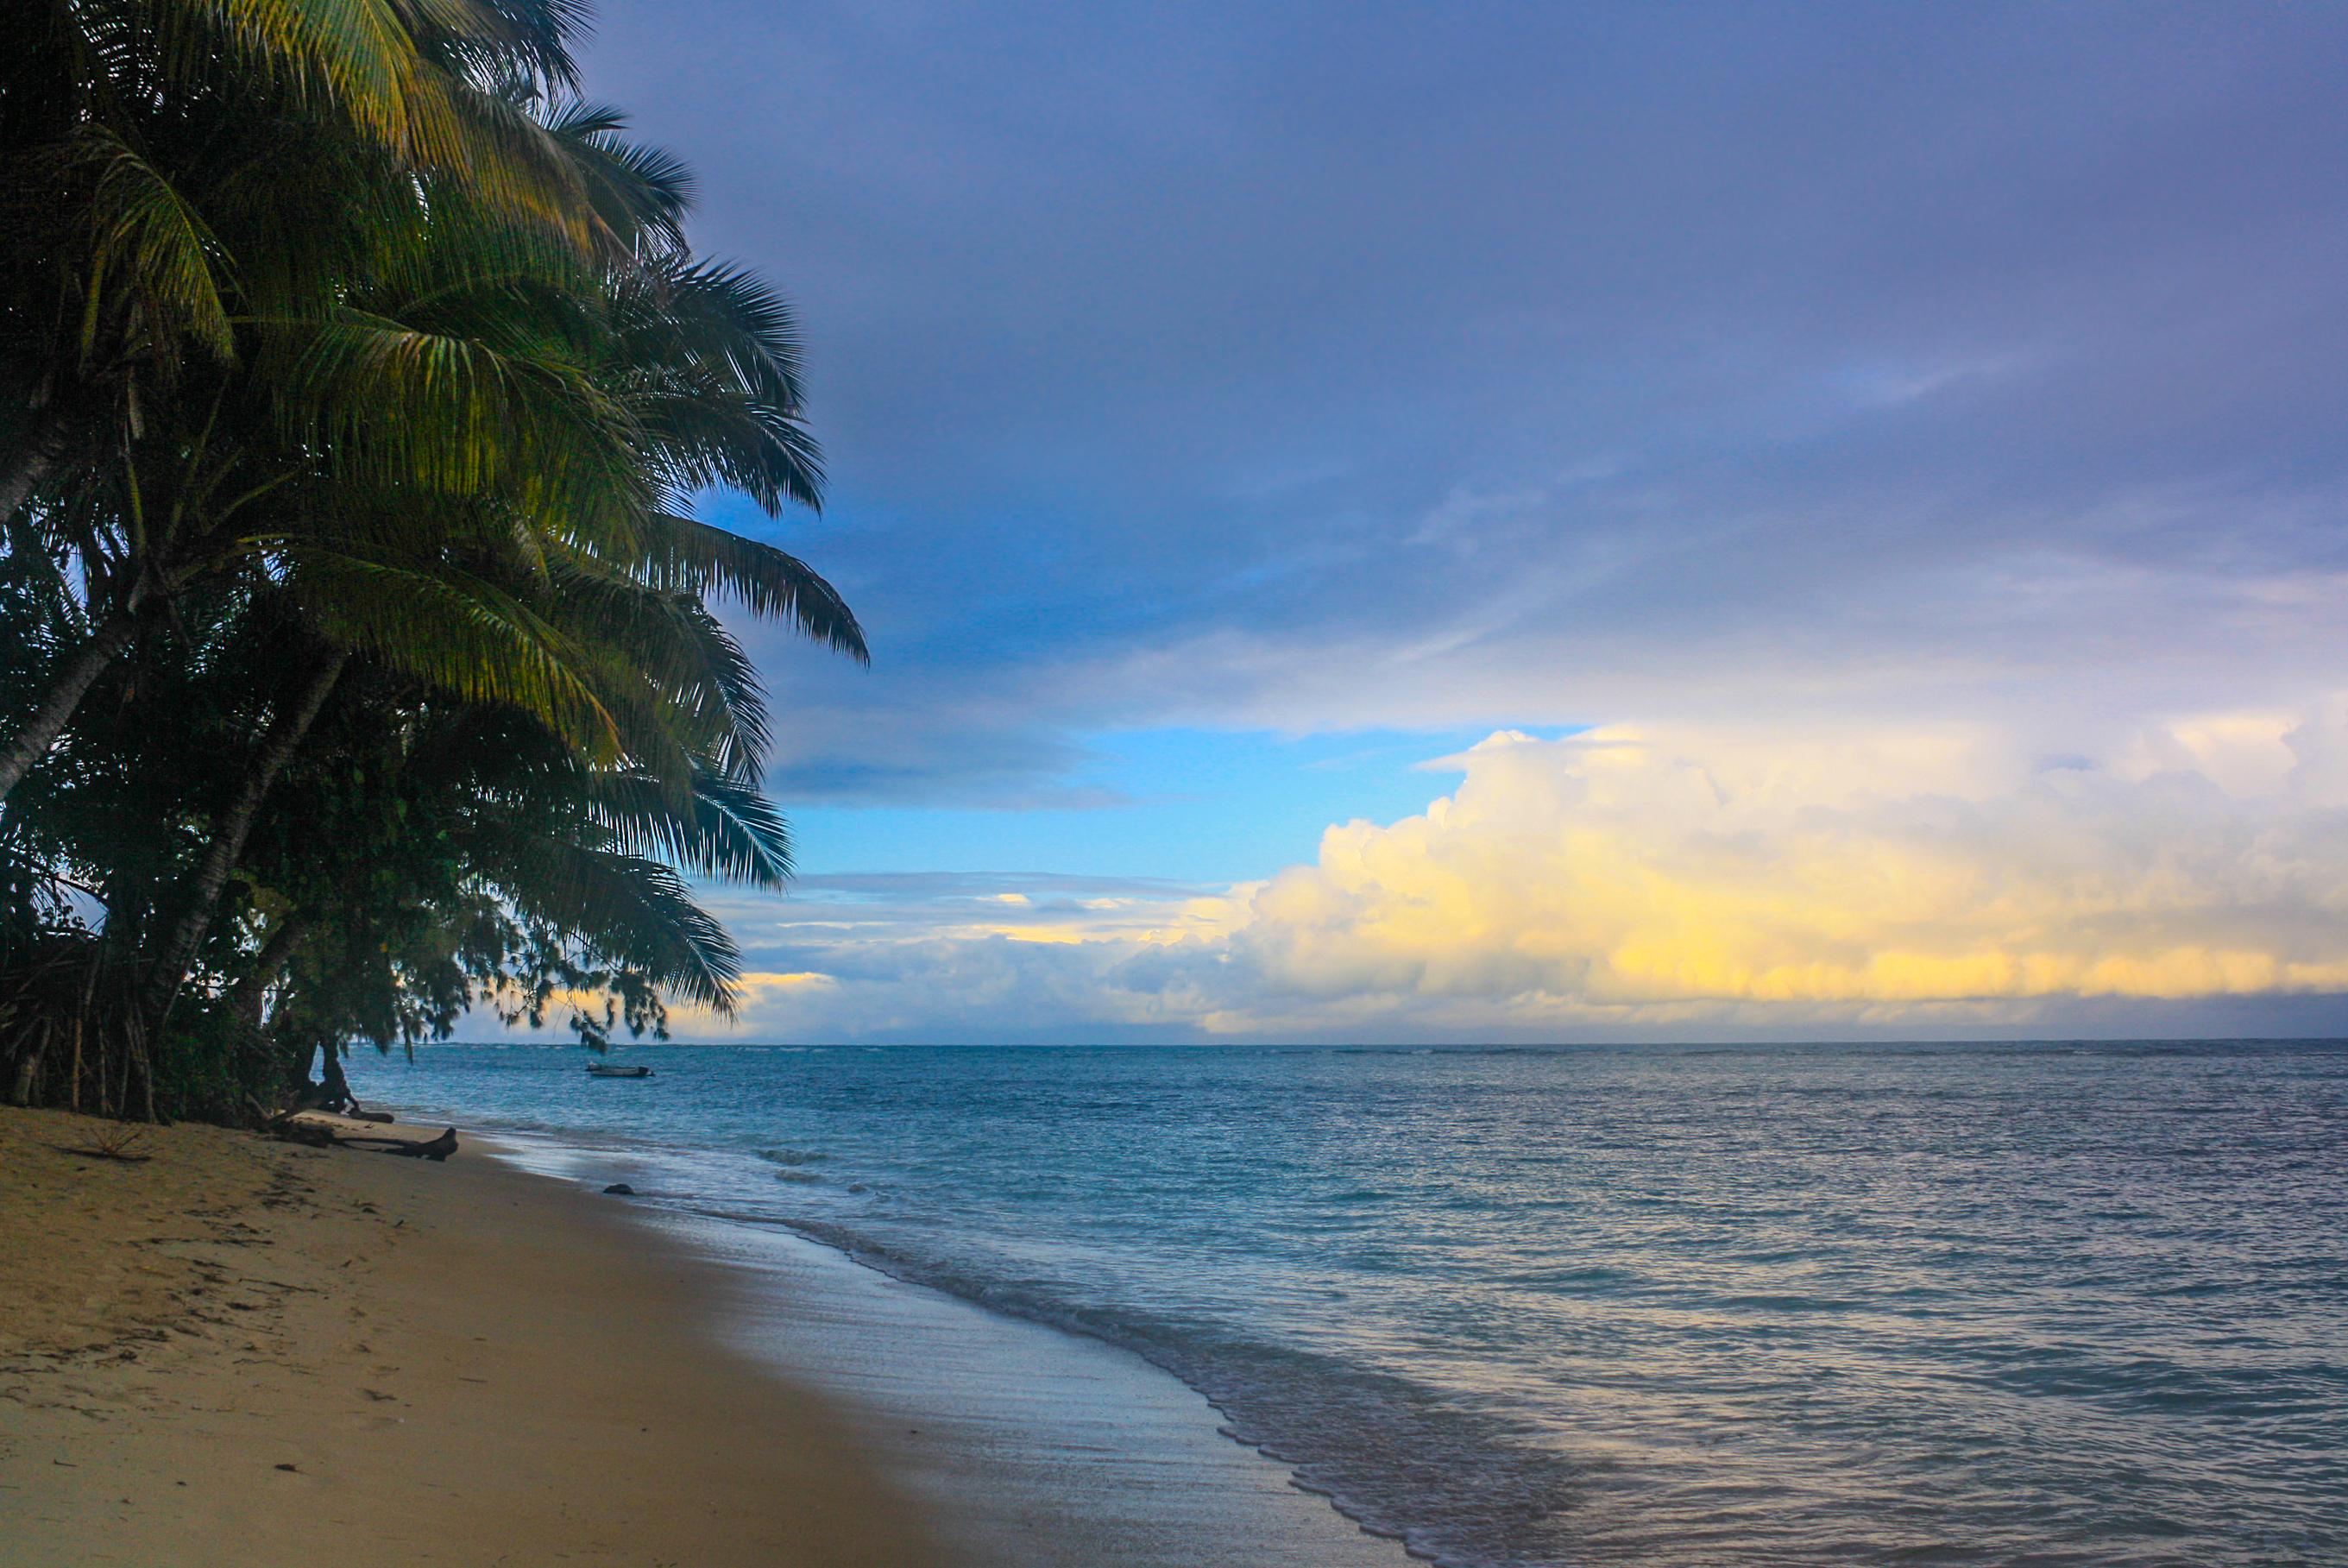 Île-aux-Nattes es una pequeña isla al sur de la Isla de Sainte-Marie, una isla en la costa este del país africano de Madagascar. Si se ha soñado con islas tropicales paradisíacas, Île aux Nattes es la materialización de ese sueño. Situada en la punta de Île Sainte Marie, se llega tras una corta travesía en piragua o, con la marea baja, dando un tranquilo paseo. Es el sitio ideal para venir a no hacer nada de nada, salvo mecerse en una hamaca en Chez Sika, tumbarse en la playa y nadar